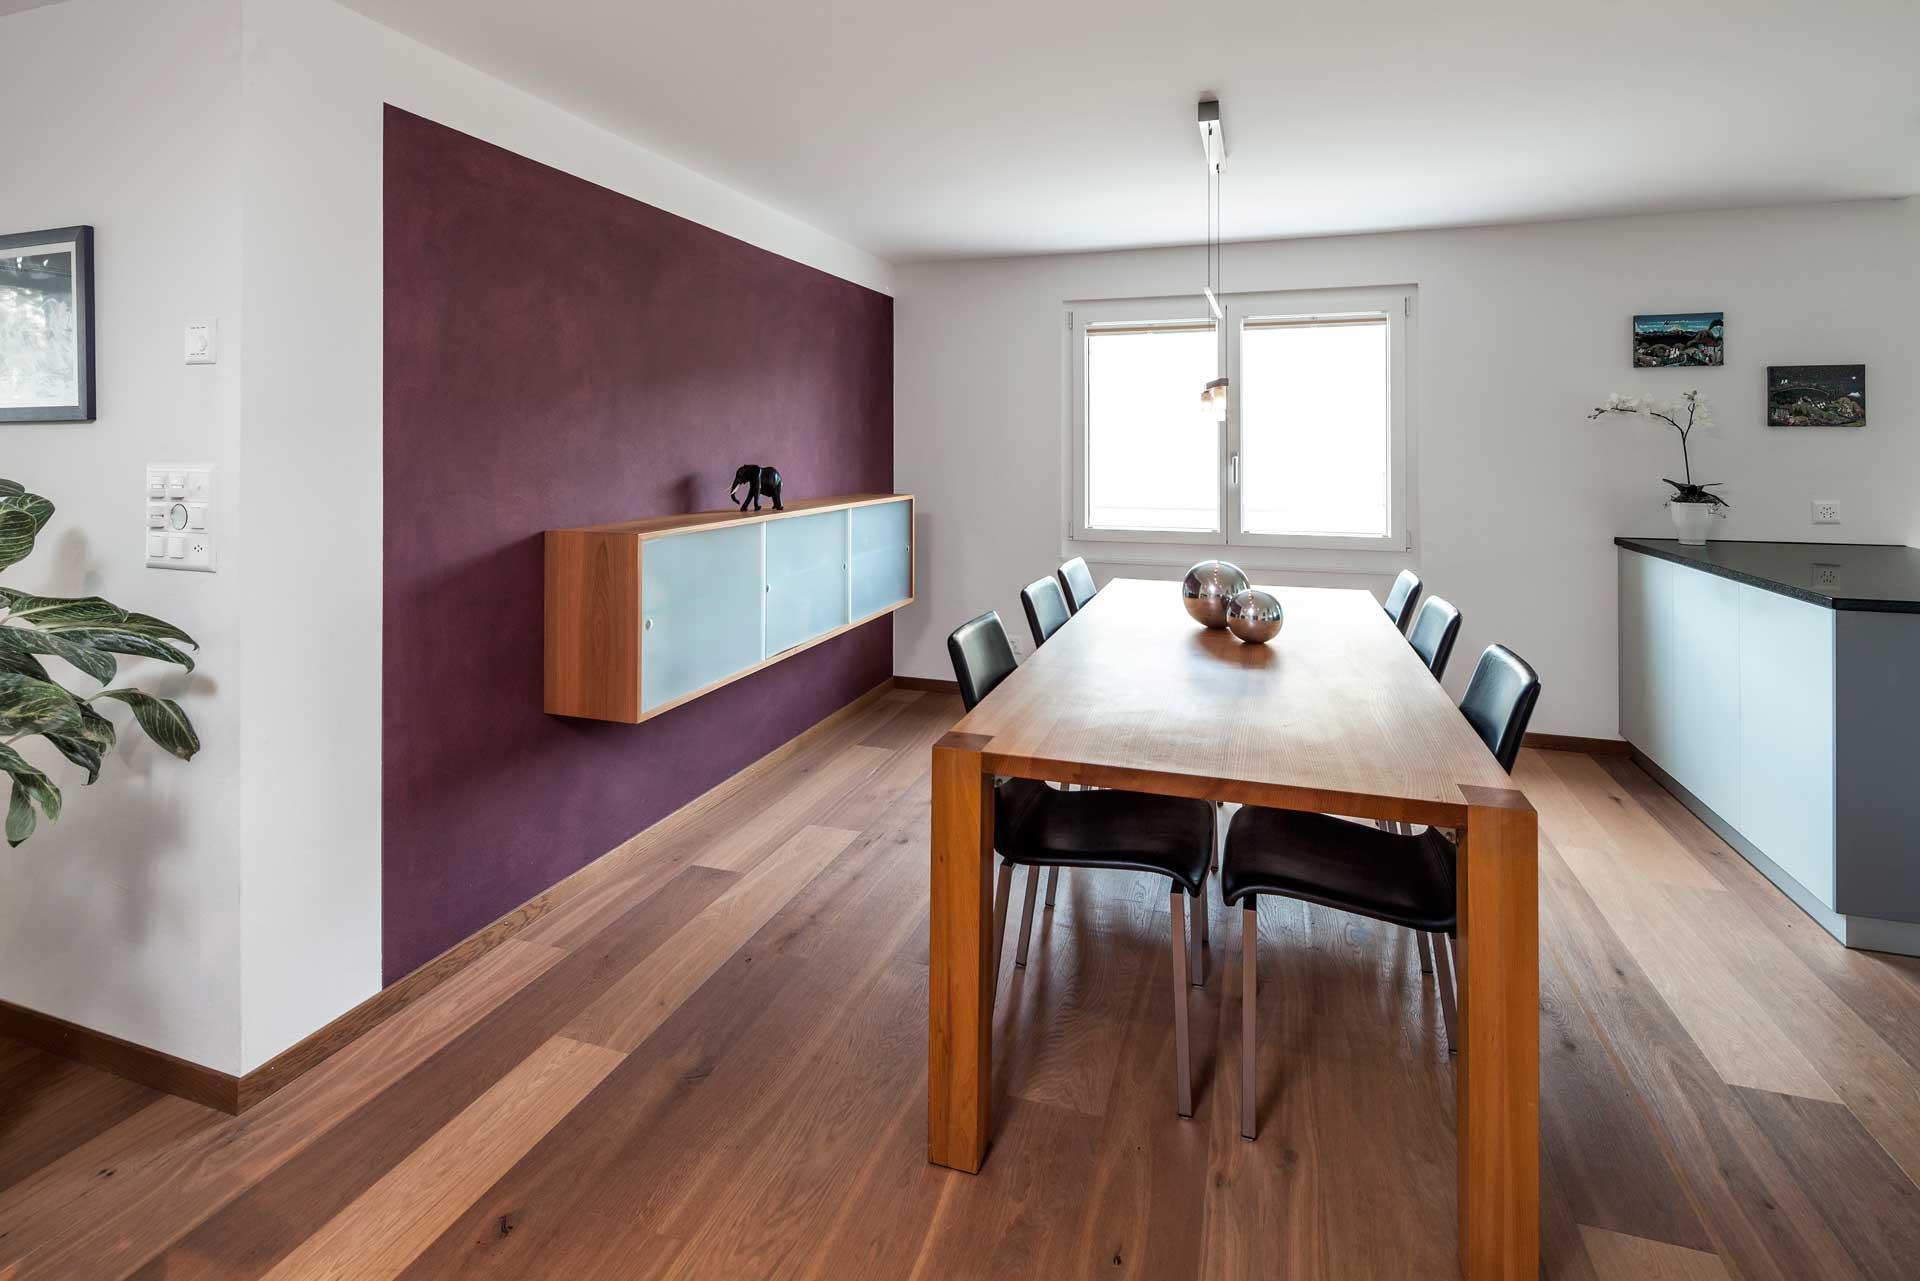 Freih ngendes sideboard und massivholz tisch schneider for Schneider innenausbau